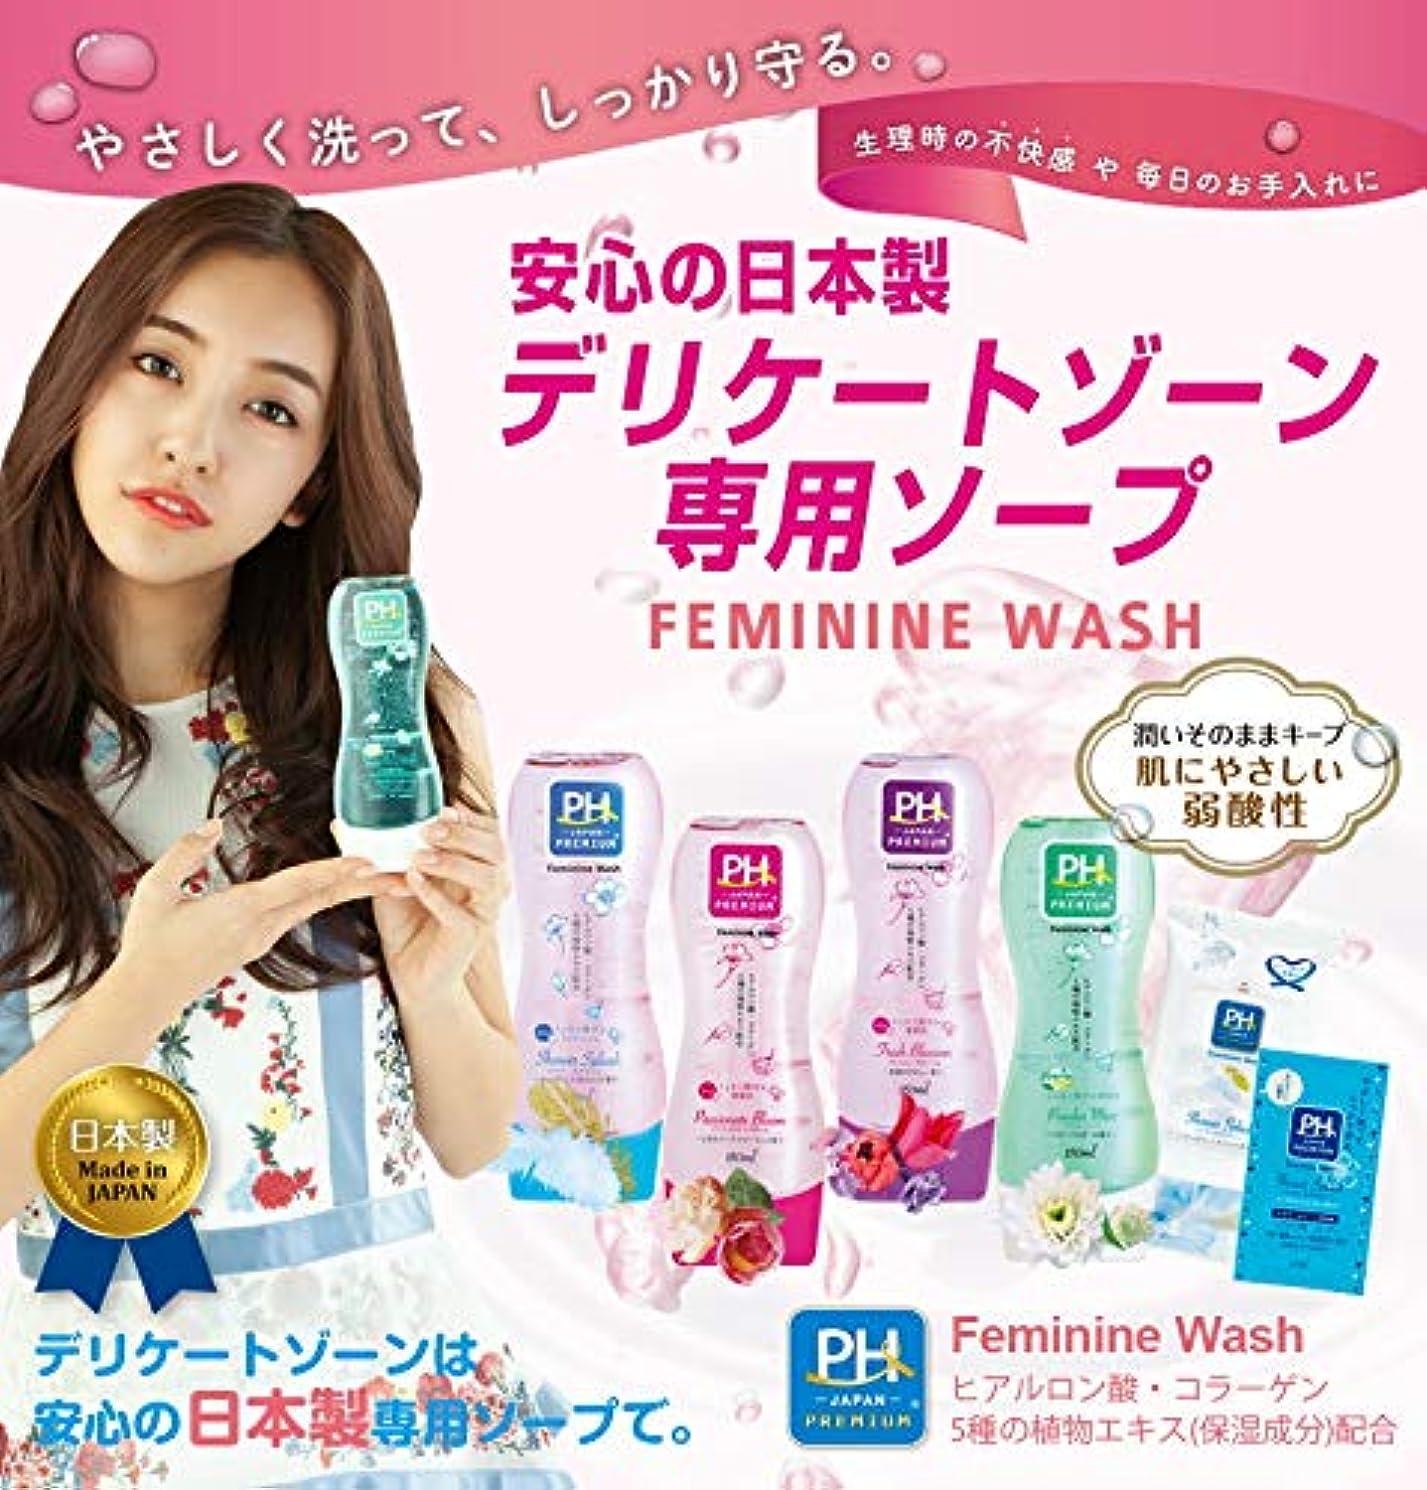 職人塗抹ラフ睡眠パウダーミント4本セット PH JAPAN フェミニンウォッシュ ベビーパウダーの香り